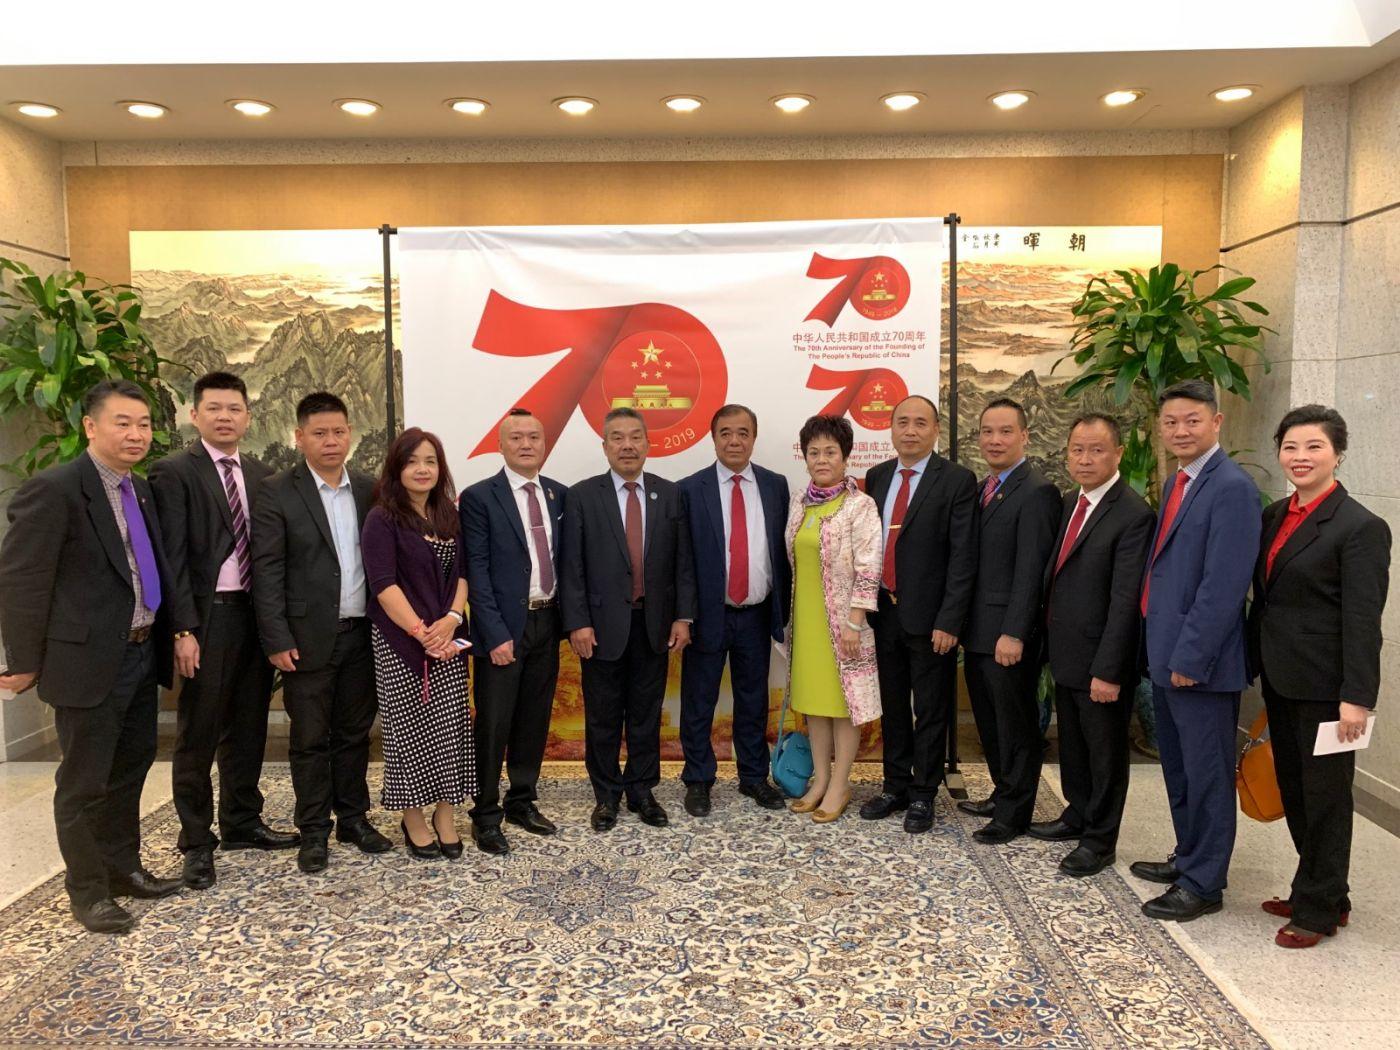 中国驻纽约总领事馆舉辦庆祝建国70周年招待會_图1-49